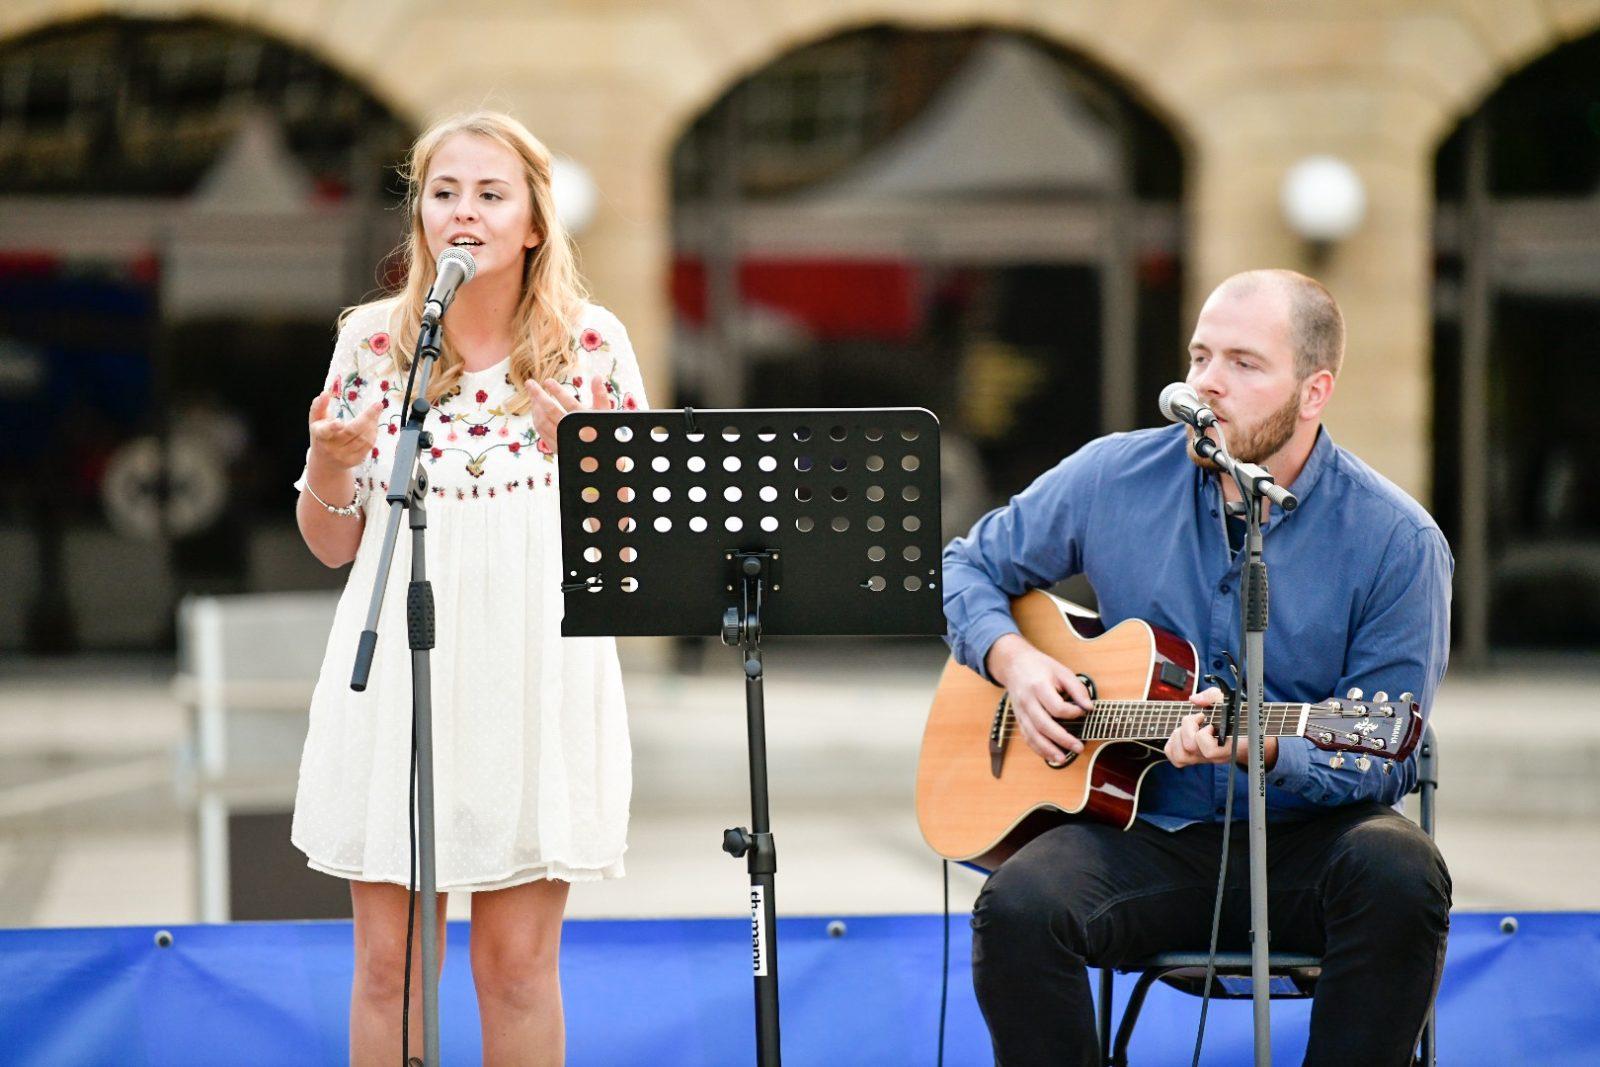 Gesangs-Duo ELMA performt auf der Bühne (Frau am Mikro, Mann an der Gitarre)